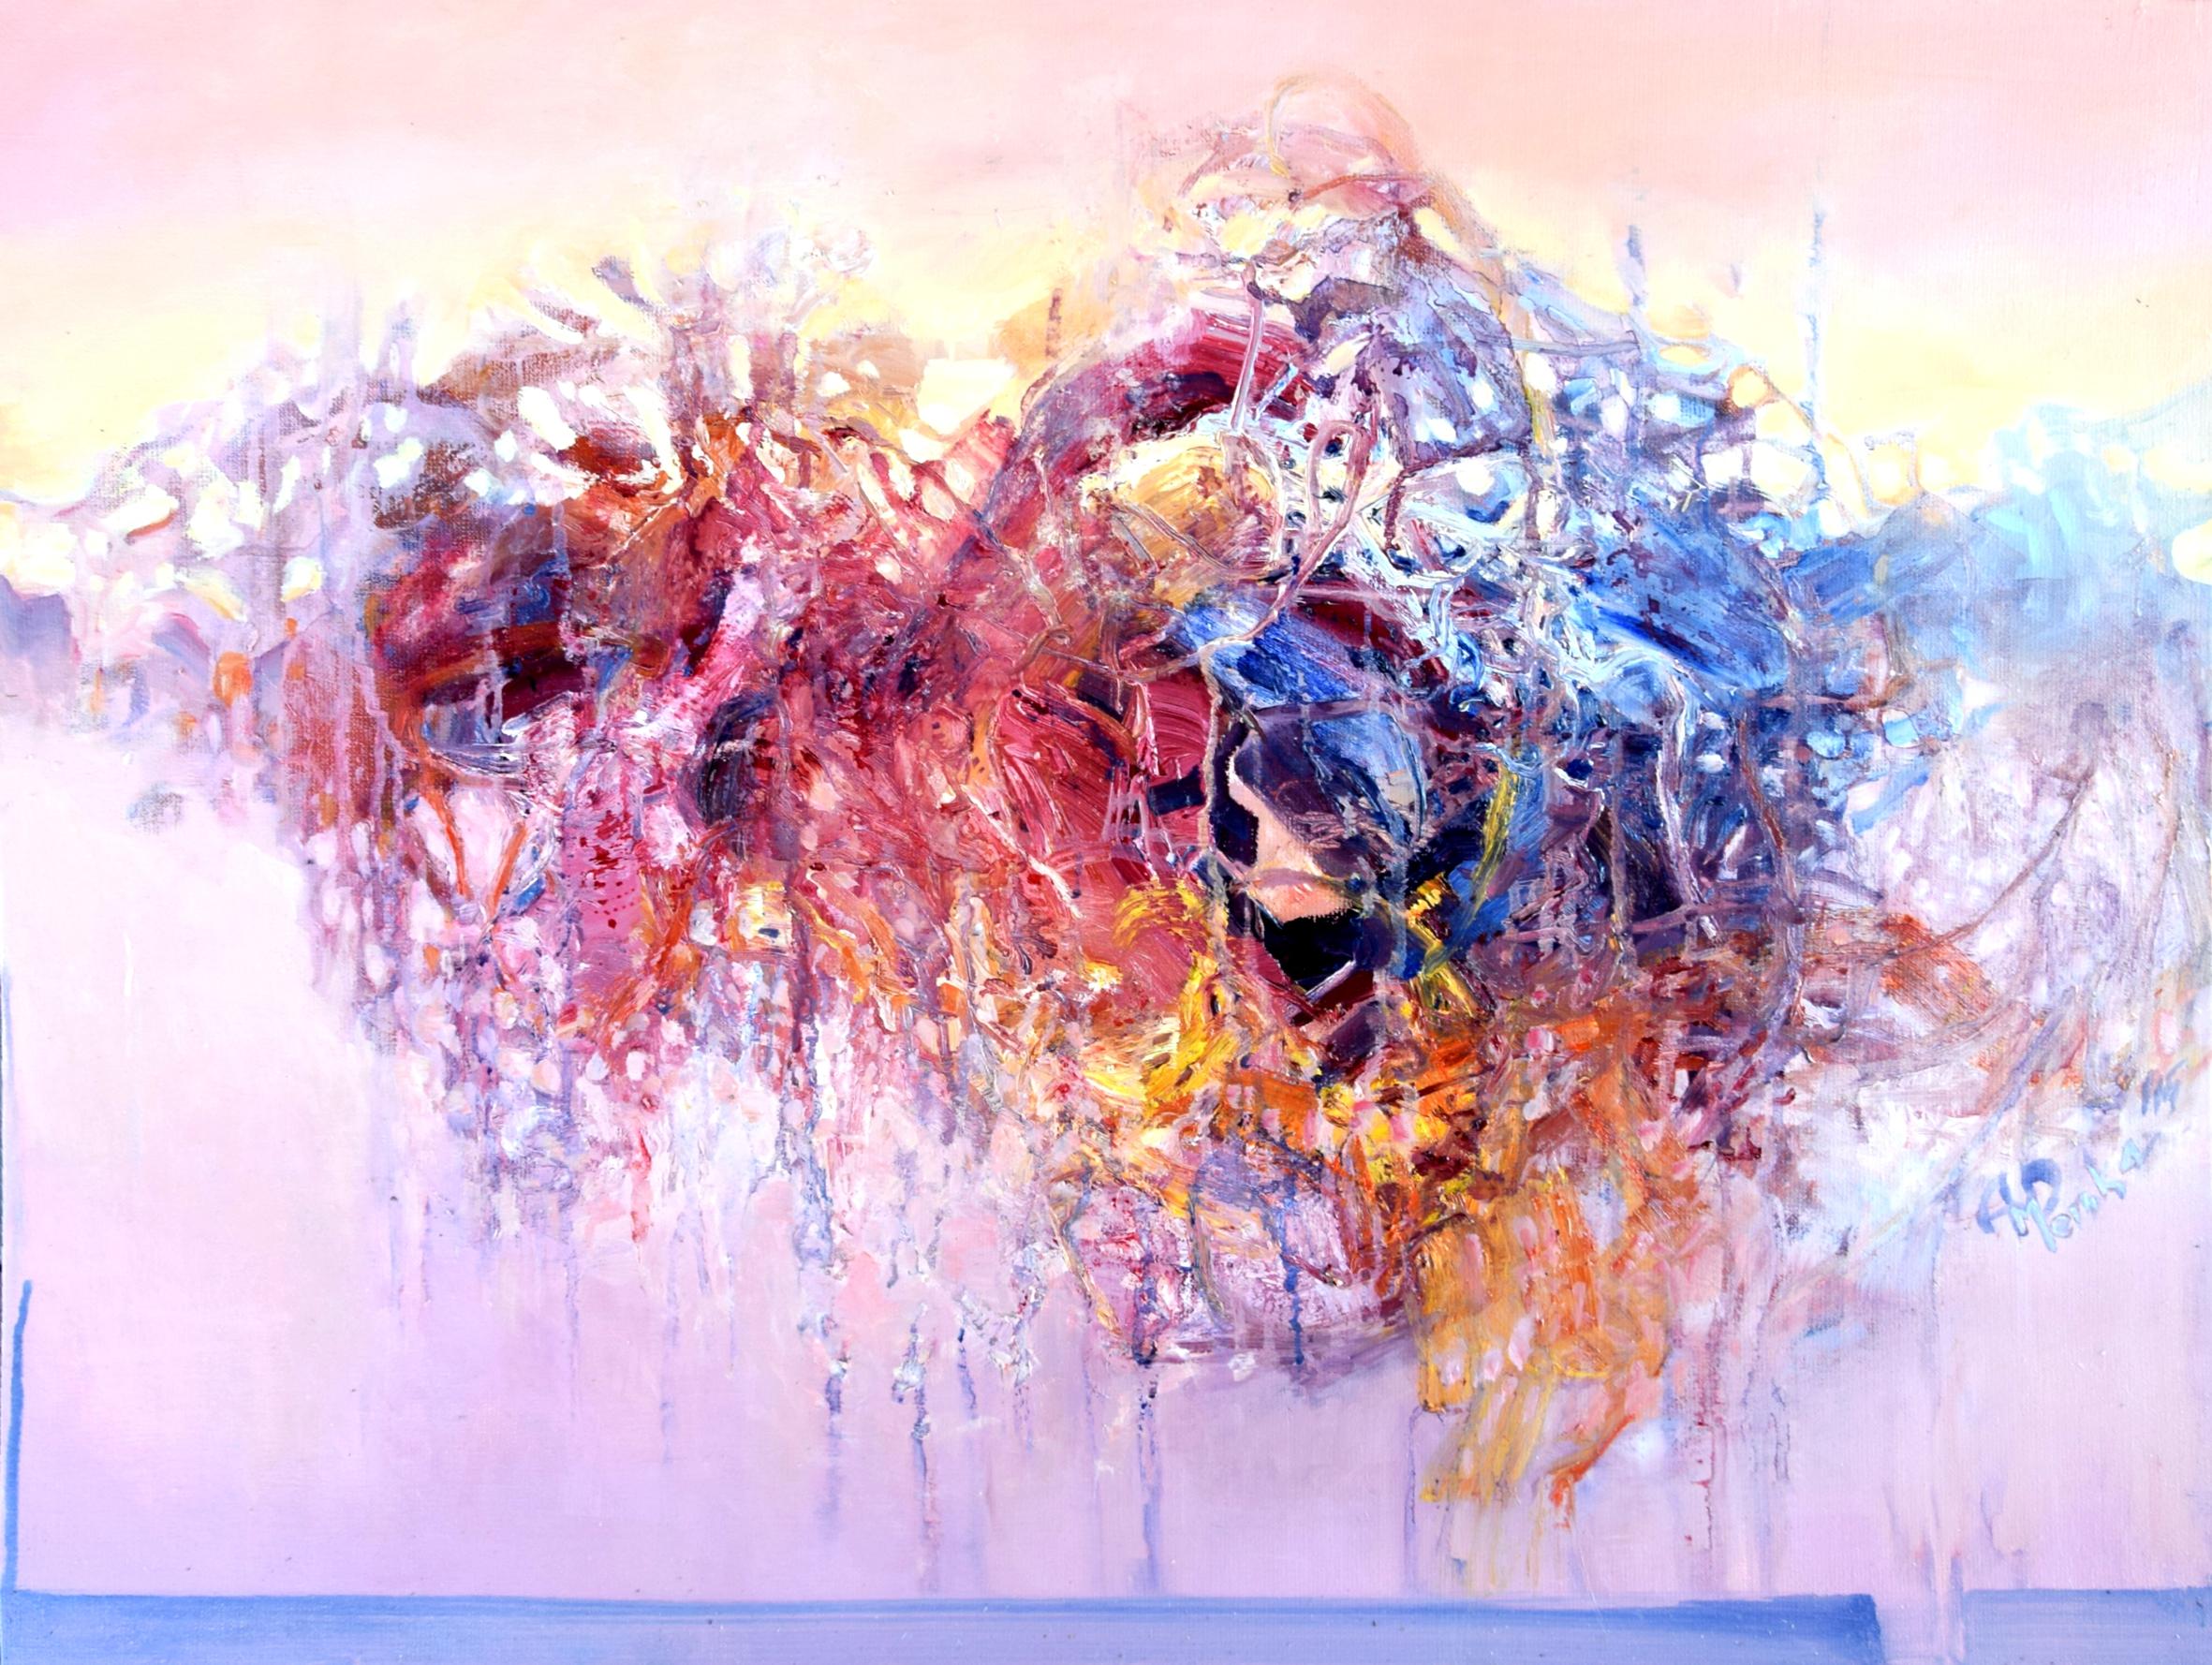 """Anna Daria Merska, """"Wewnętrzna przestrzeń V"""", olej na płótnie, 60 x 80 cm, 2015, cena: 3100 zł"""